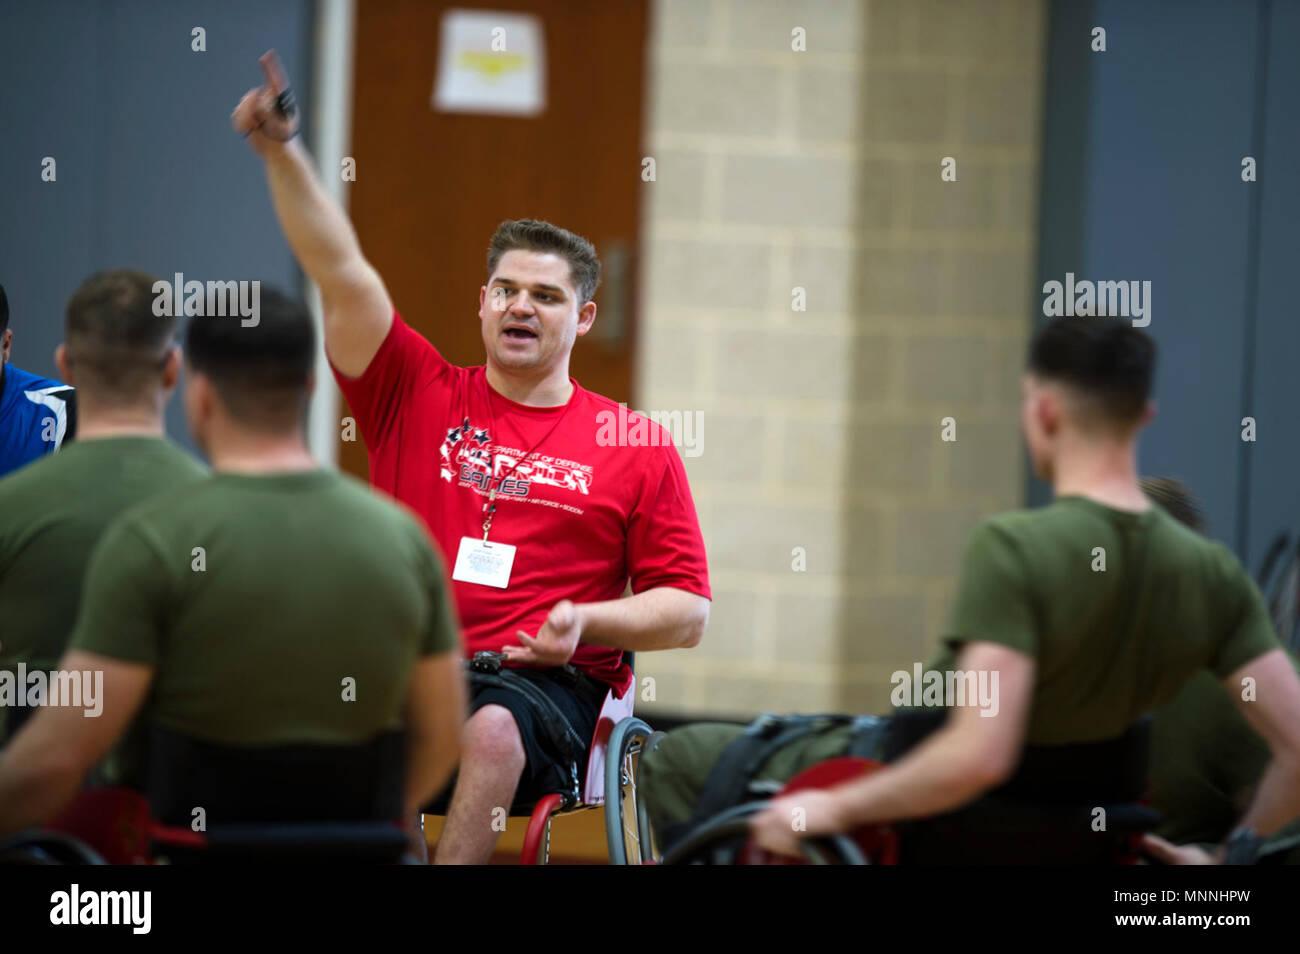 Wheelchair Basketball Coach Stock Photos & Wheelchair ...